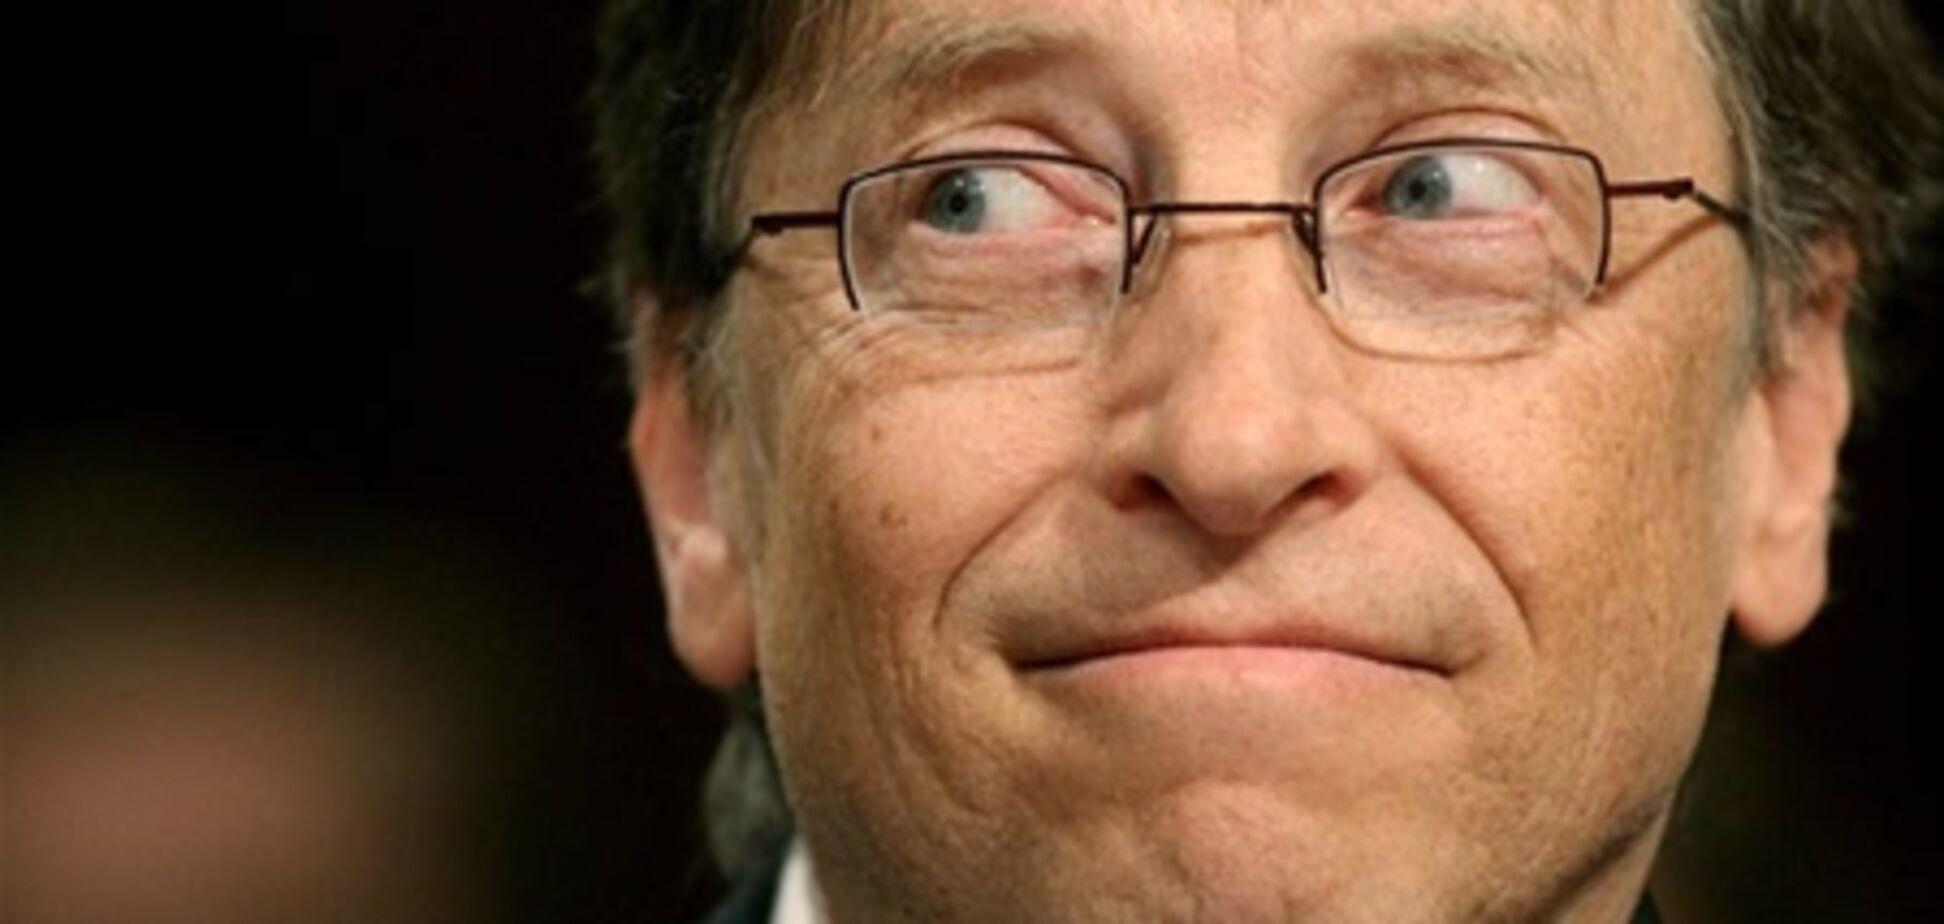 Билл Гейтс арендовал особняк за 100 тысяч долларов в месяц